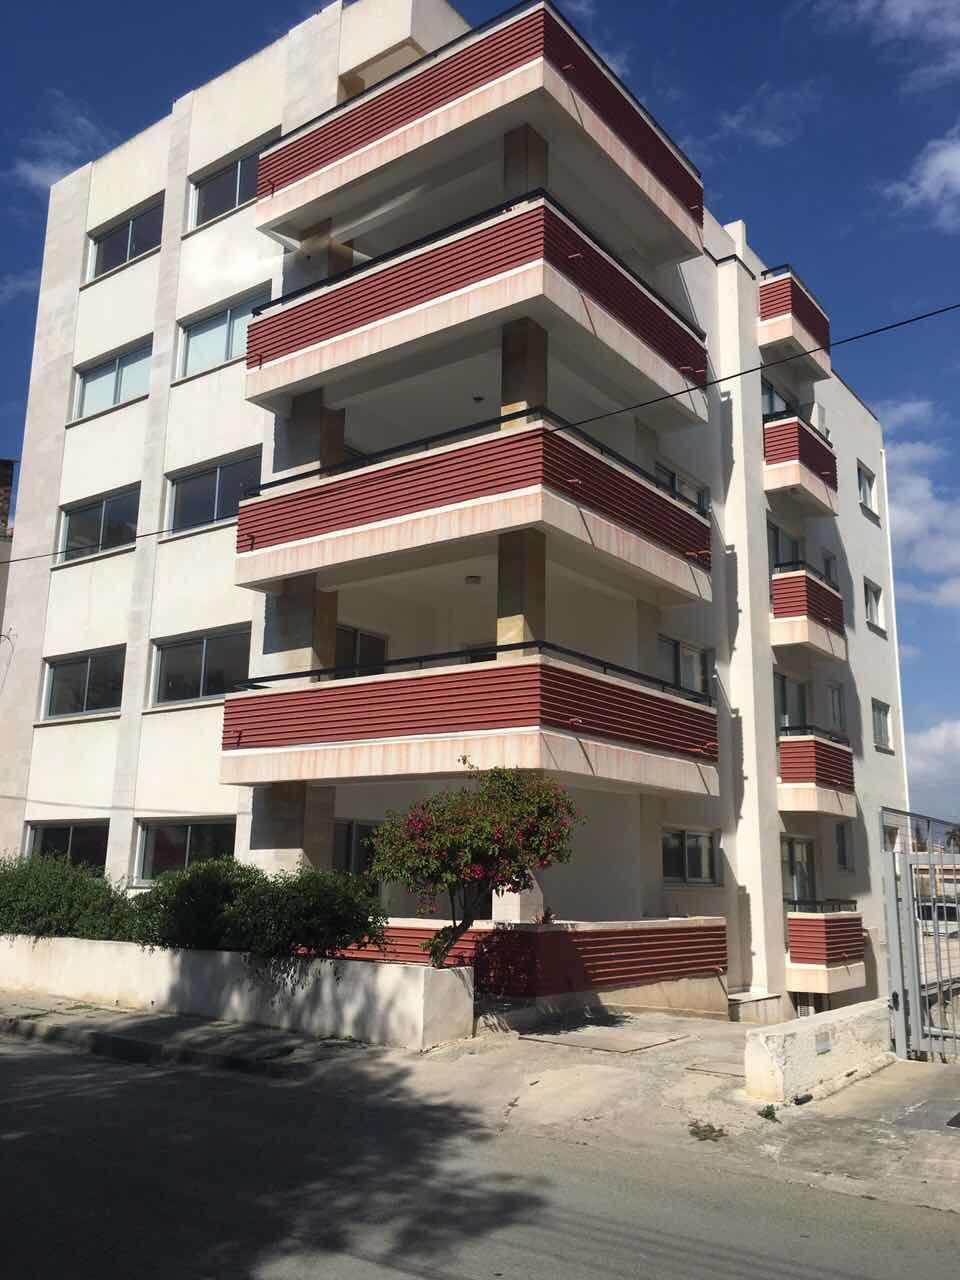 Διαμέρισμα 4 υπνοδωματίων στην περιοχή ΑΤΙ   …